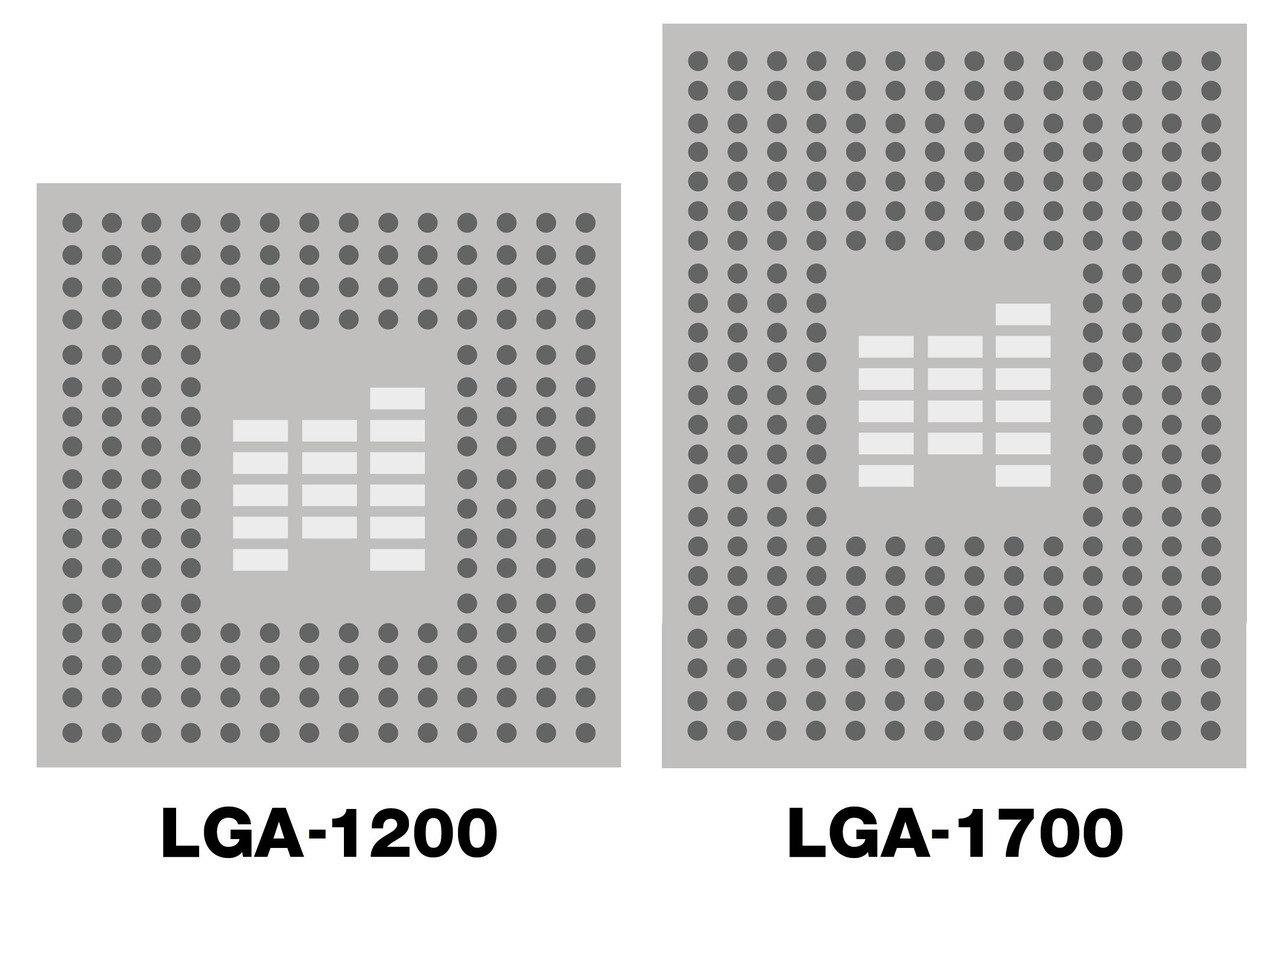 be quiet! бесплатно раздаст крепления под Intel LGA1700 для выпущенных ранее кулеров